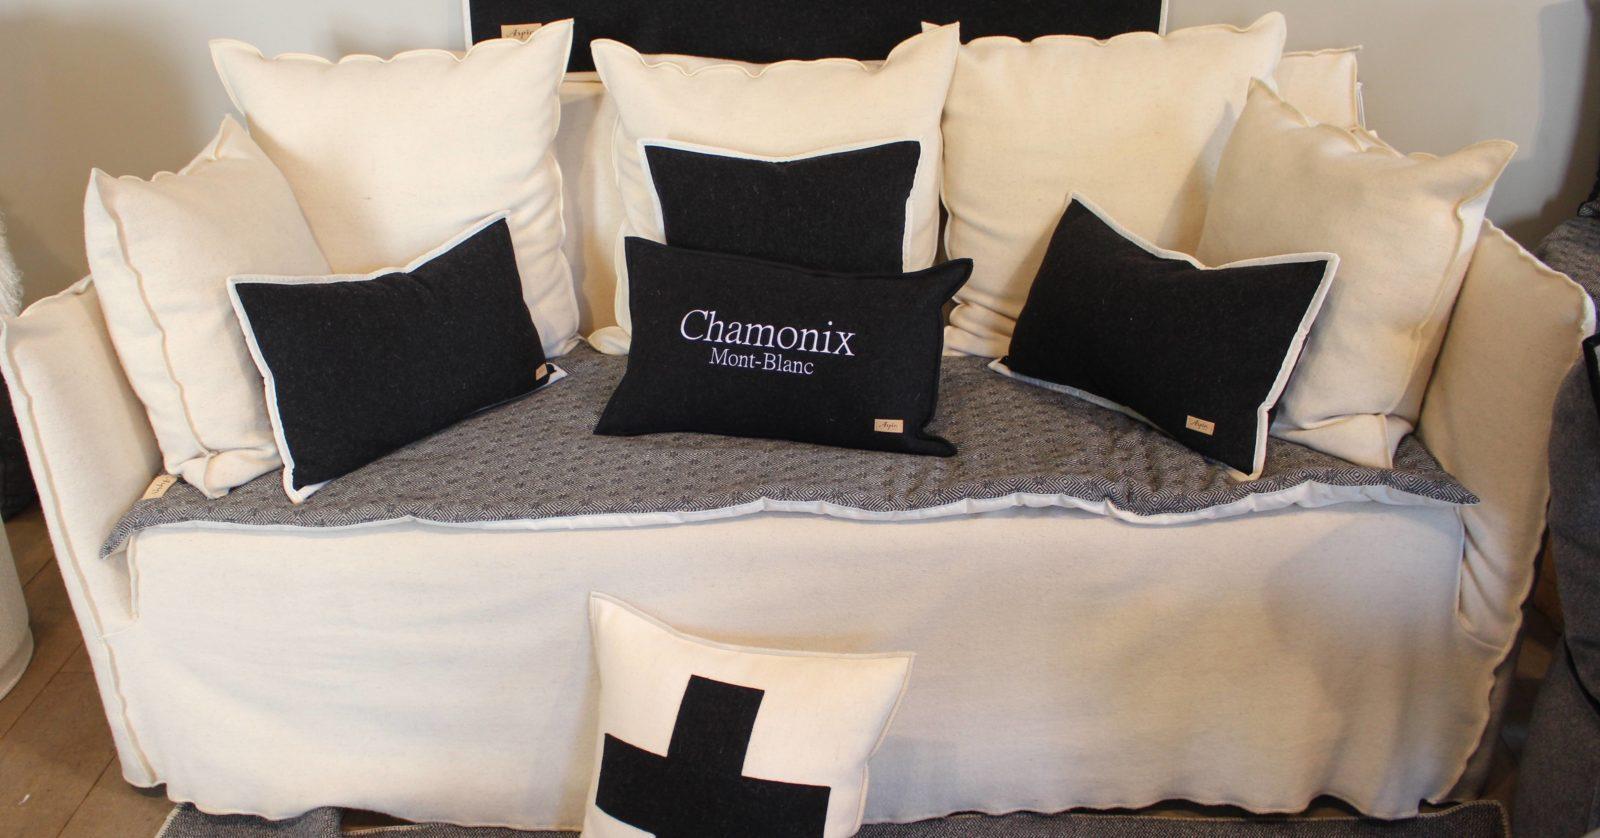 boutique Arpin canapé coussins Chamonix